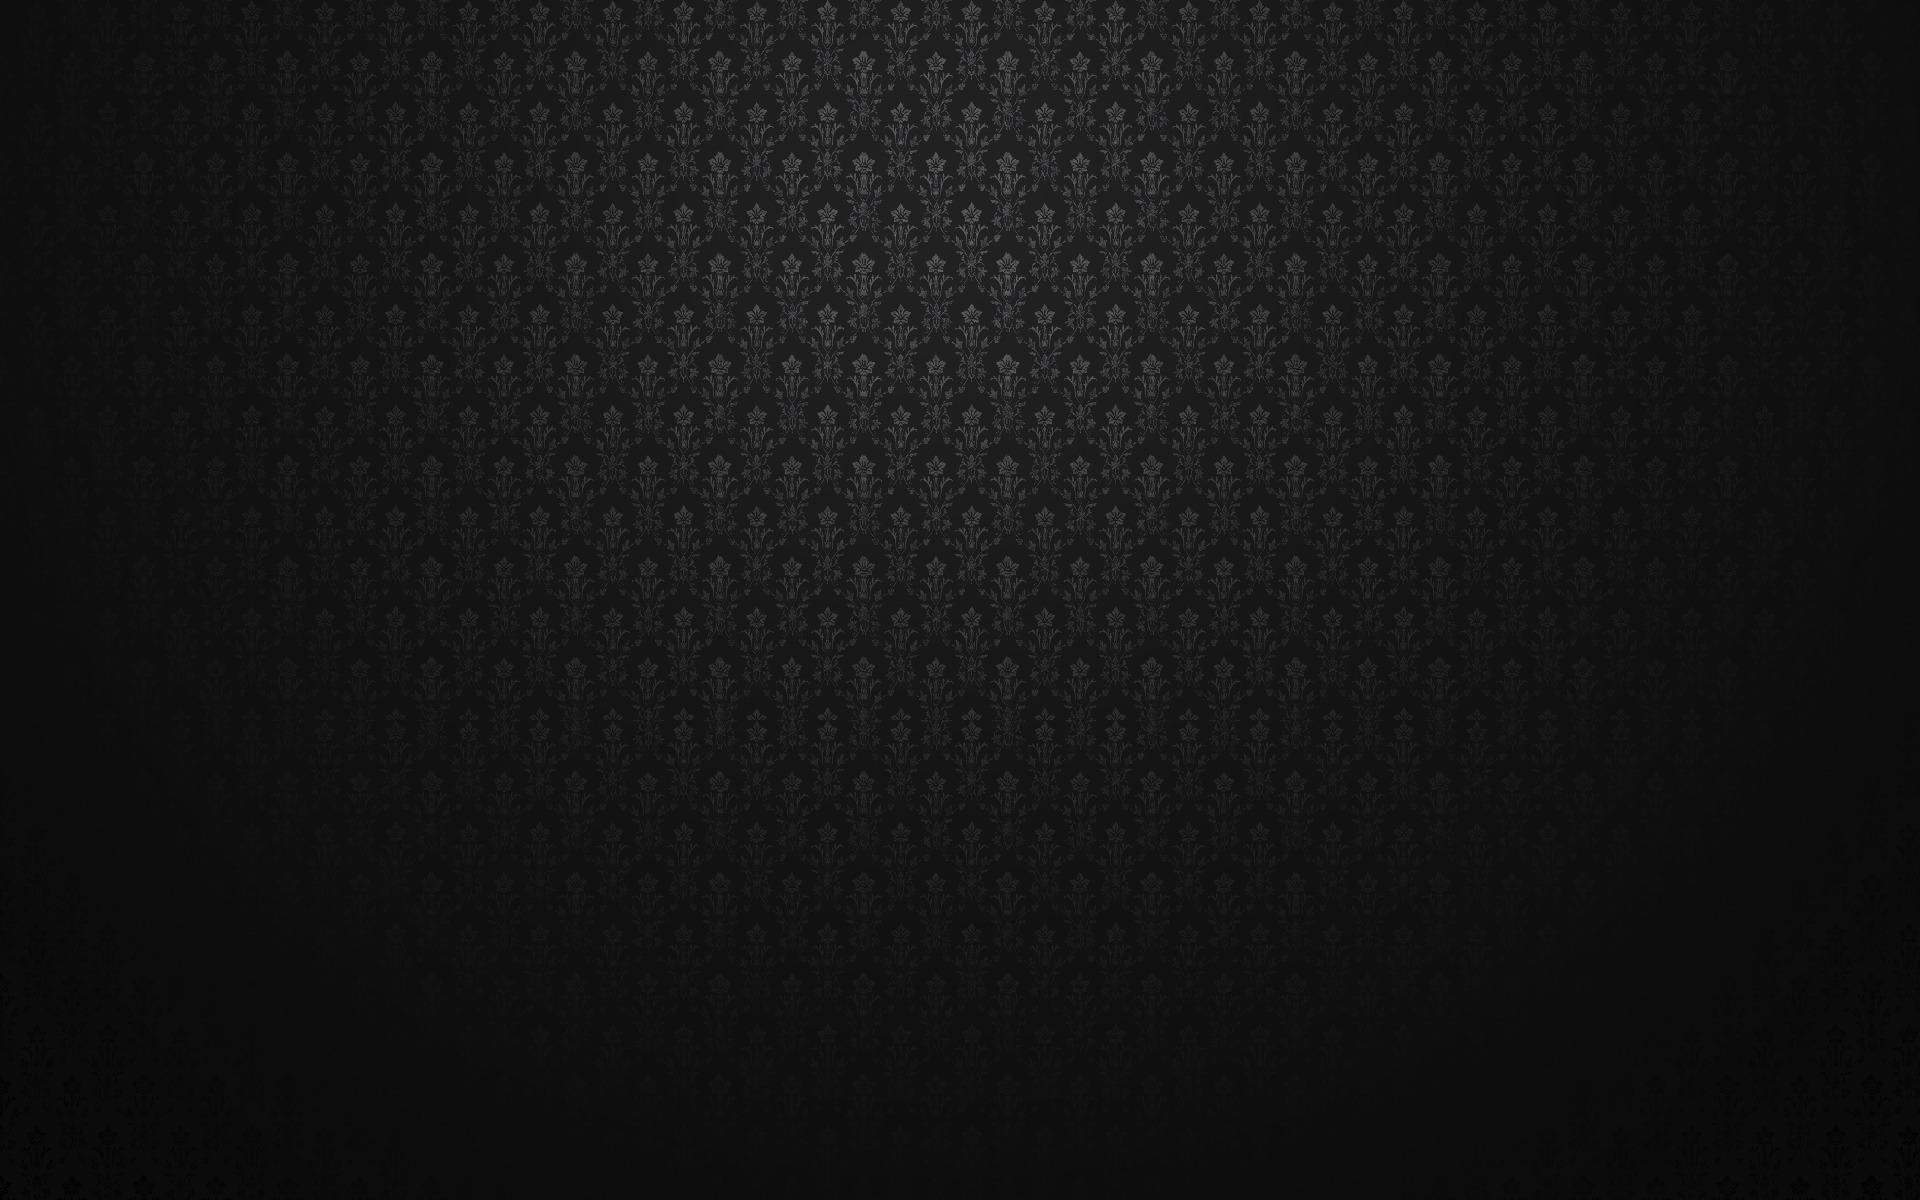 3d Flooring Images Black Earth Wallpaper 41 Background Hdblackwallpaper Com